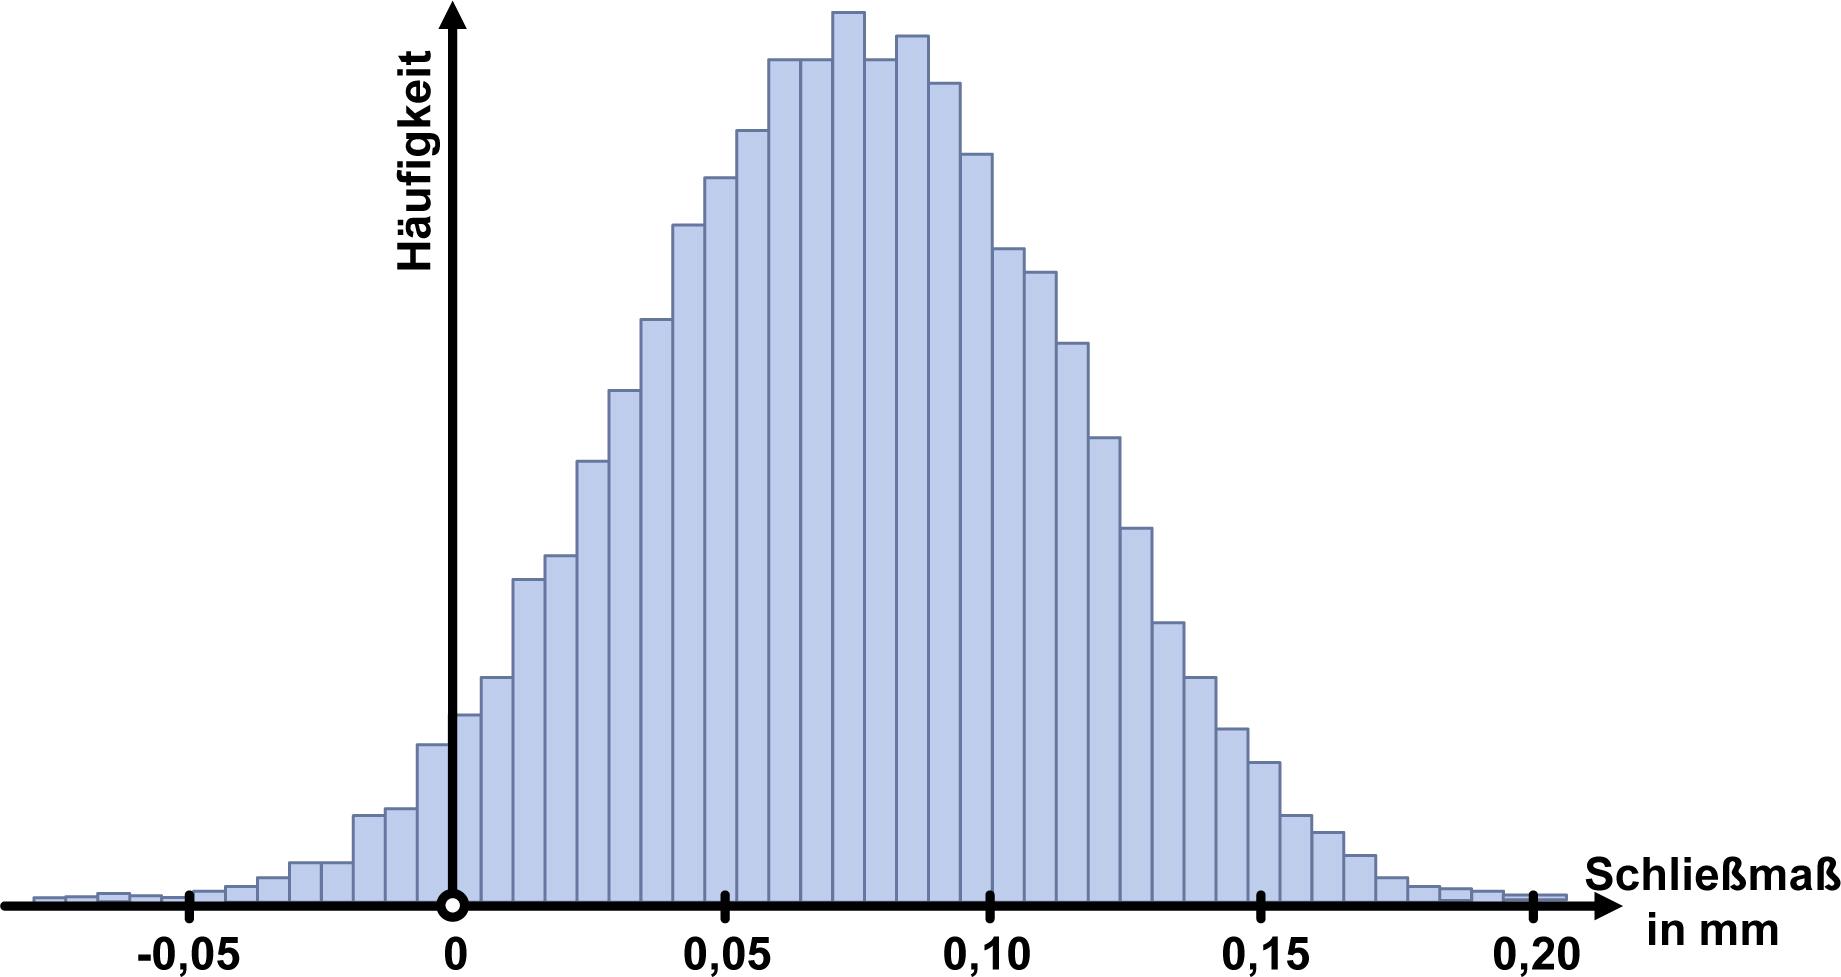 Bild 4 Resultierende Häufigkeitsverteilung des Schließmaßes. Bild: Verfasser